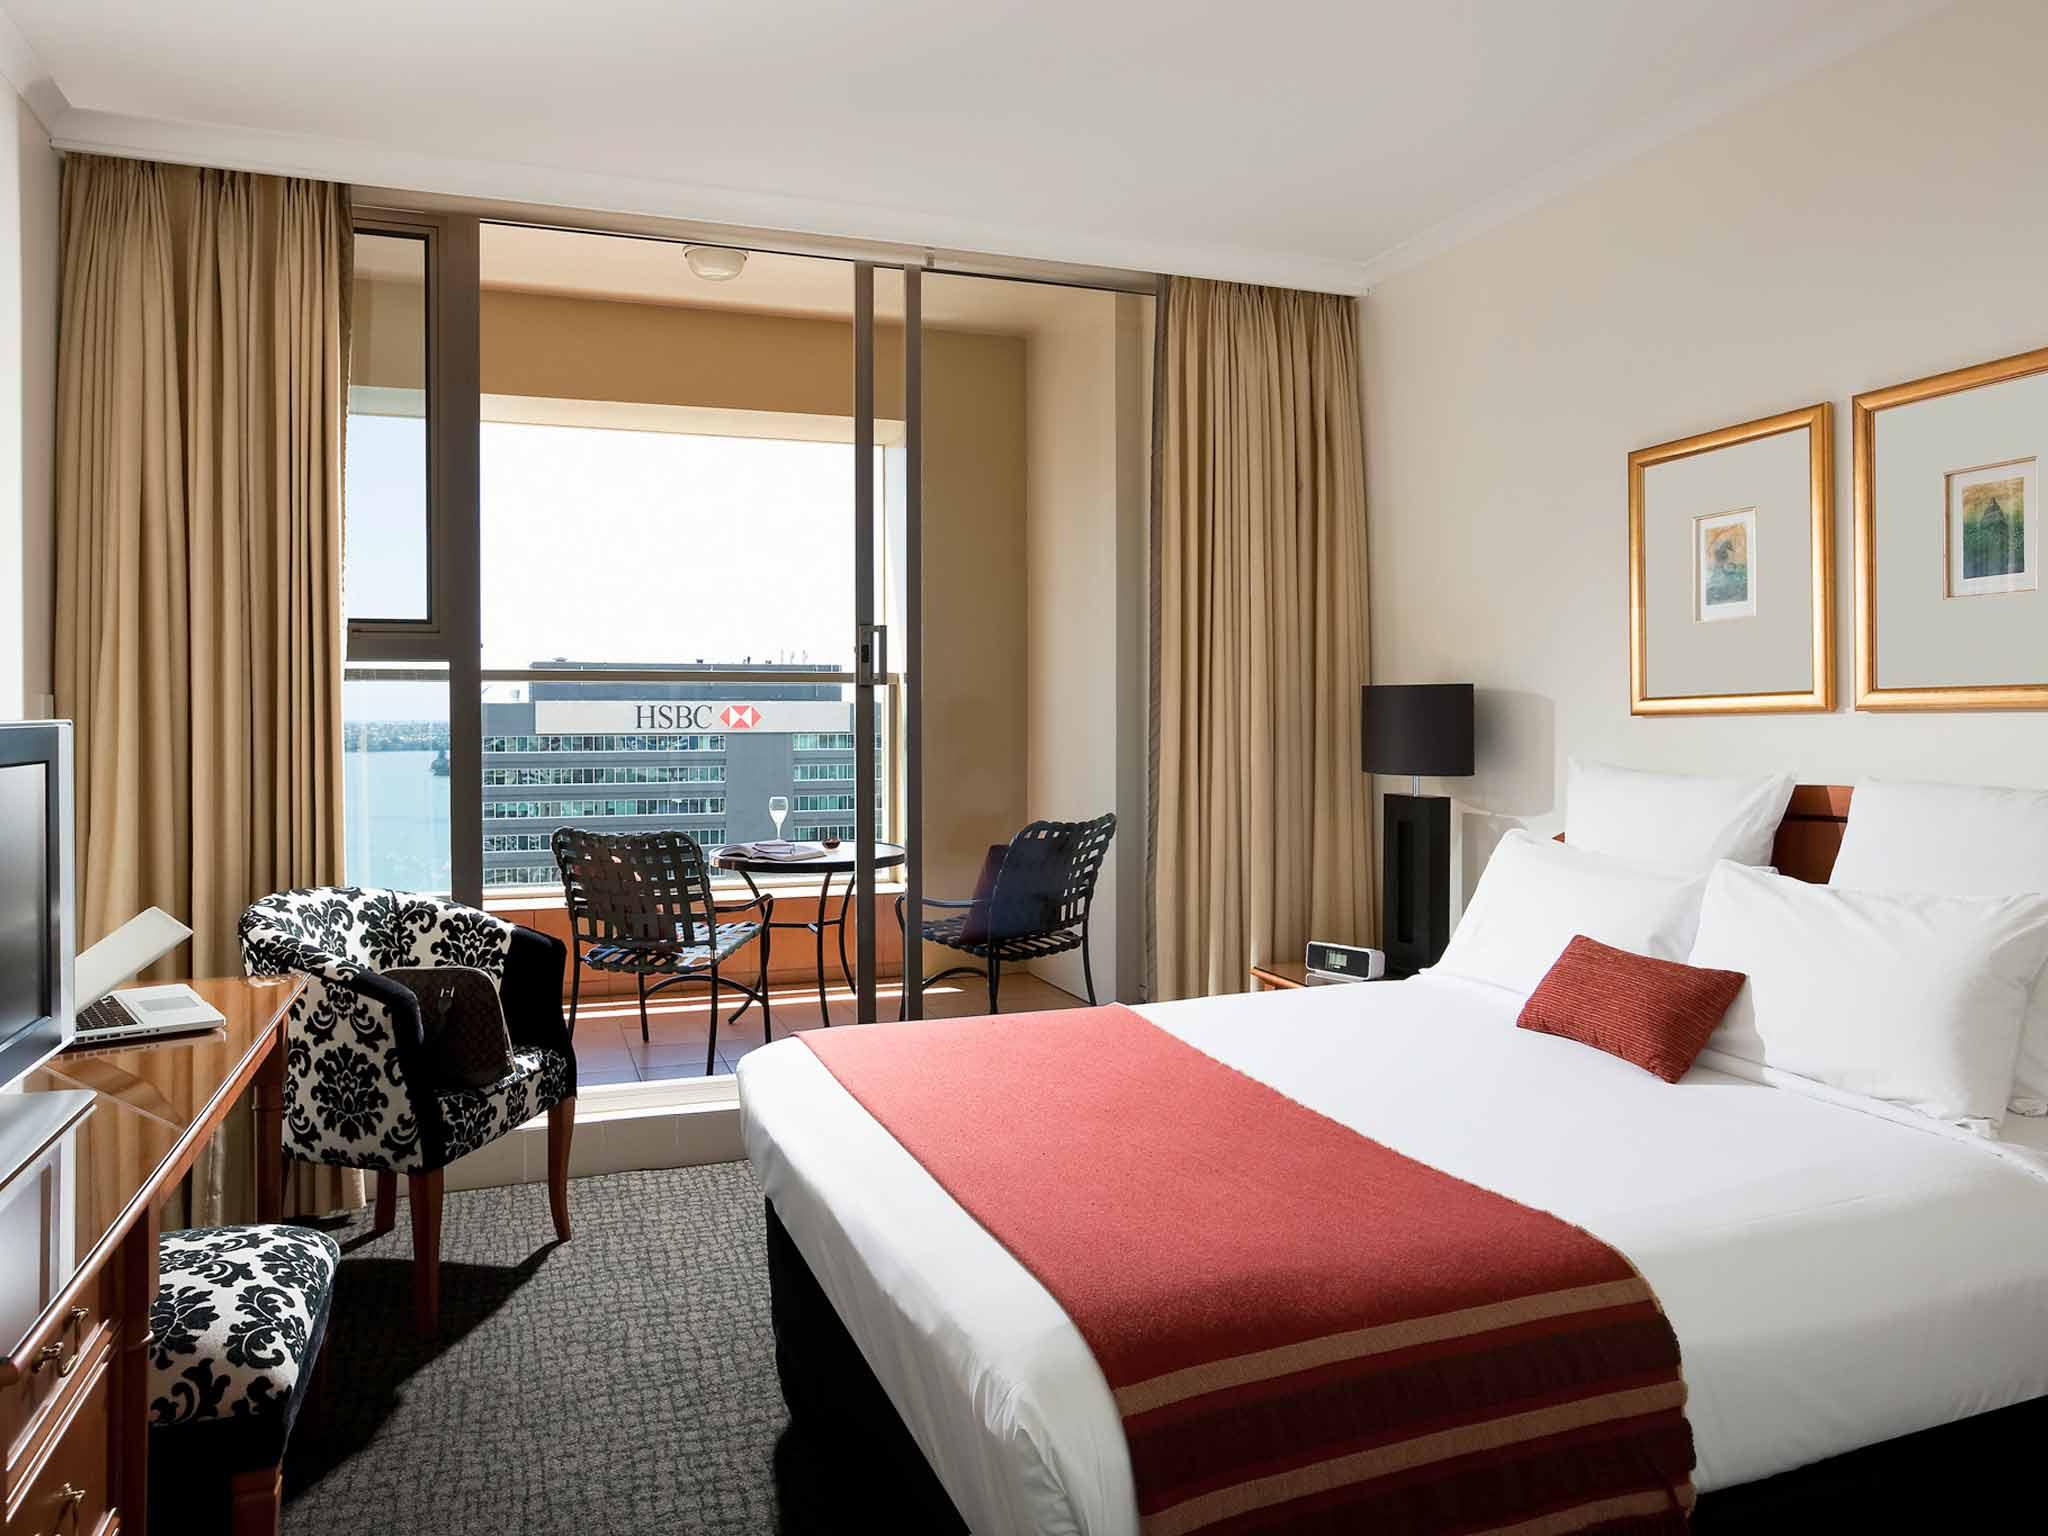 호텔 – 키 웨스트 스위트 오클랜드